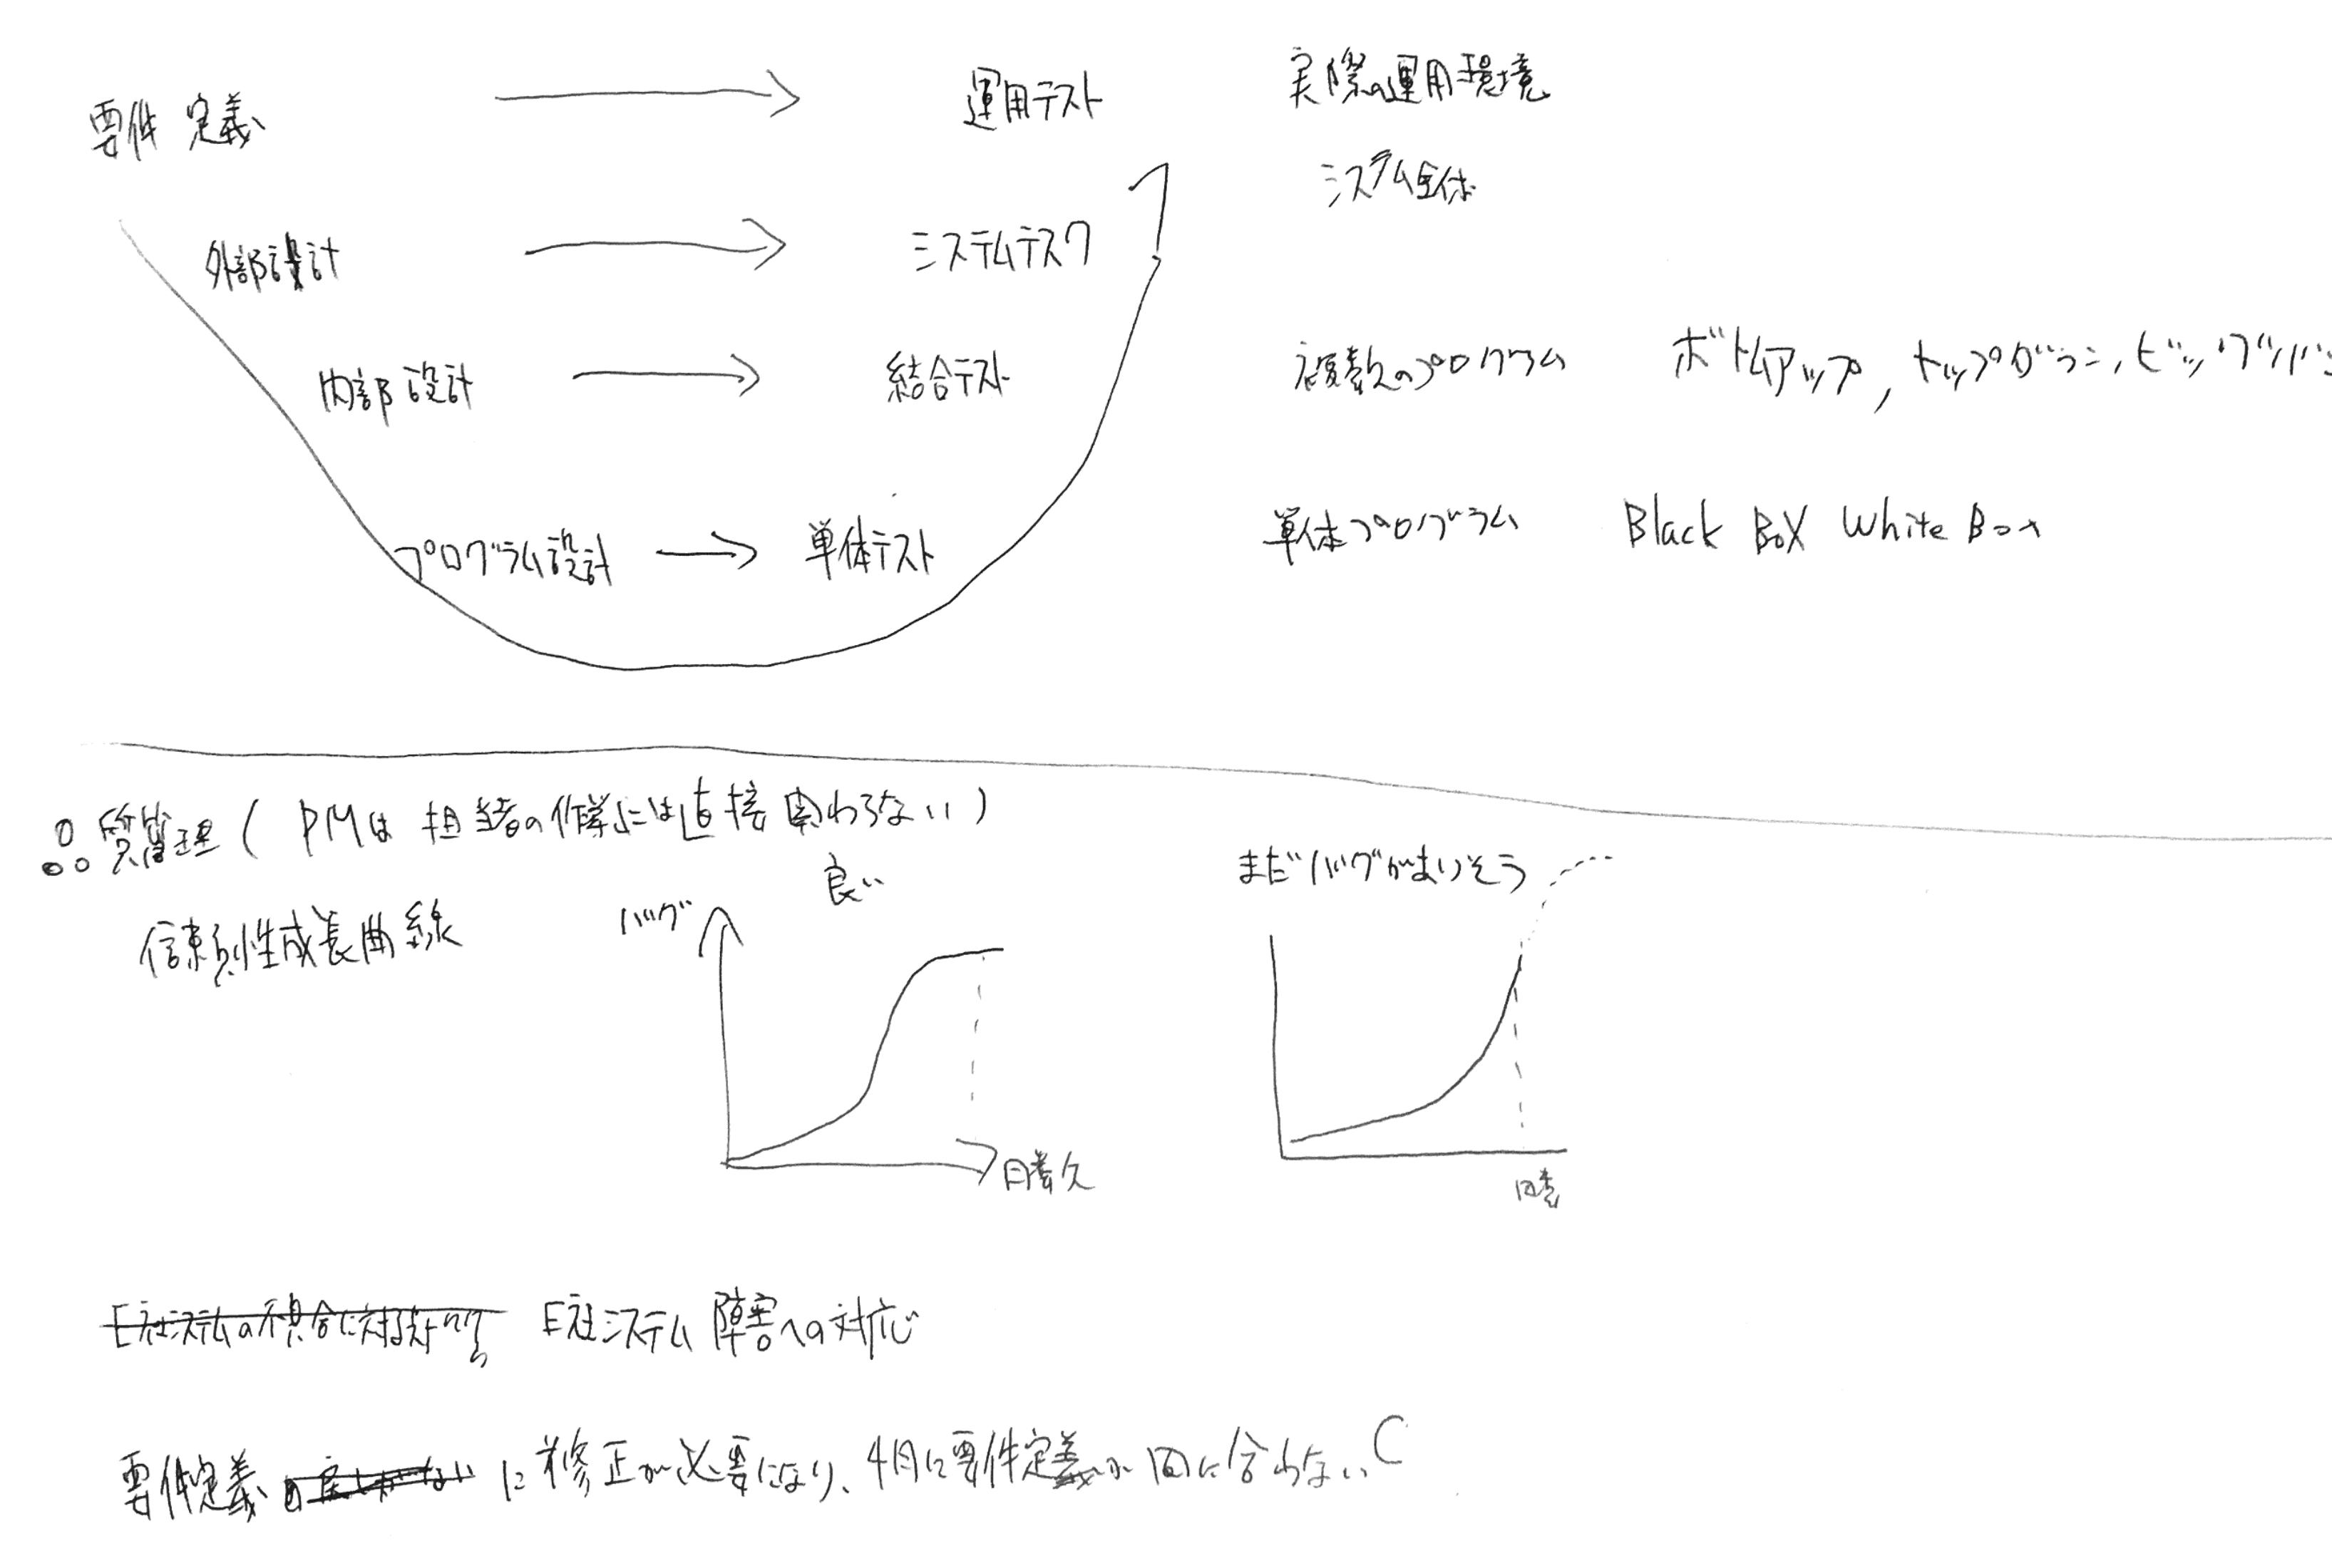 プロジェクトマネージャ試験_筆記-2.png